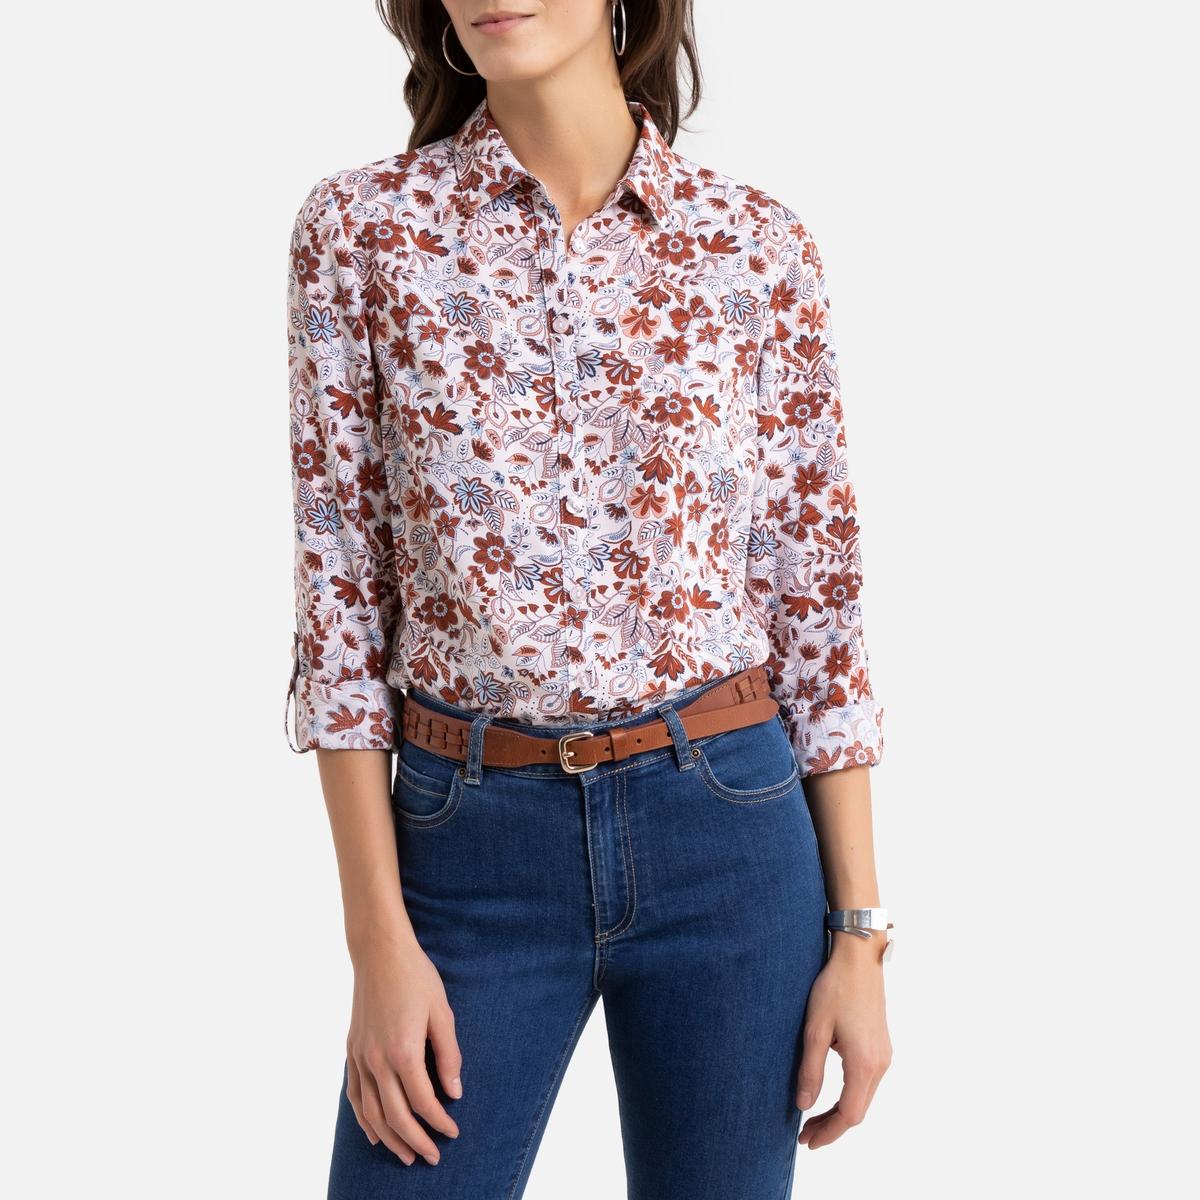 Блузка La Redoute С цветочным рисунком и длинными рукавами 52 (FR) - 58 (RUS) другие рубашка la redoute струящаяся с цветочным принтом и длинными рукавами 34 fr 40 rus фиолетовый